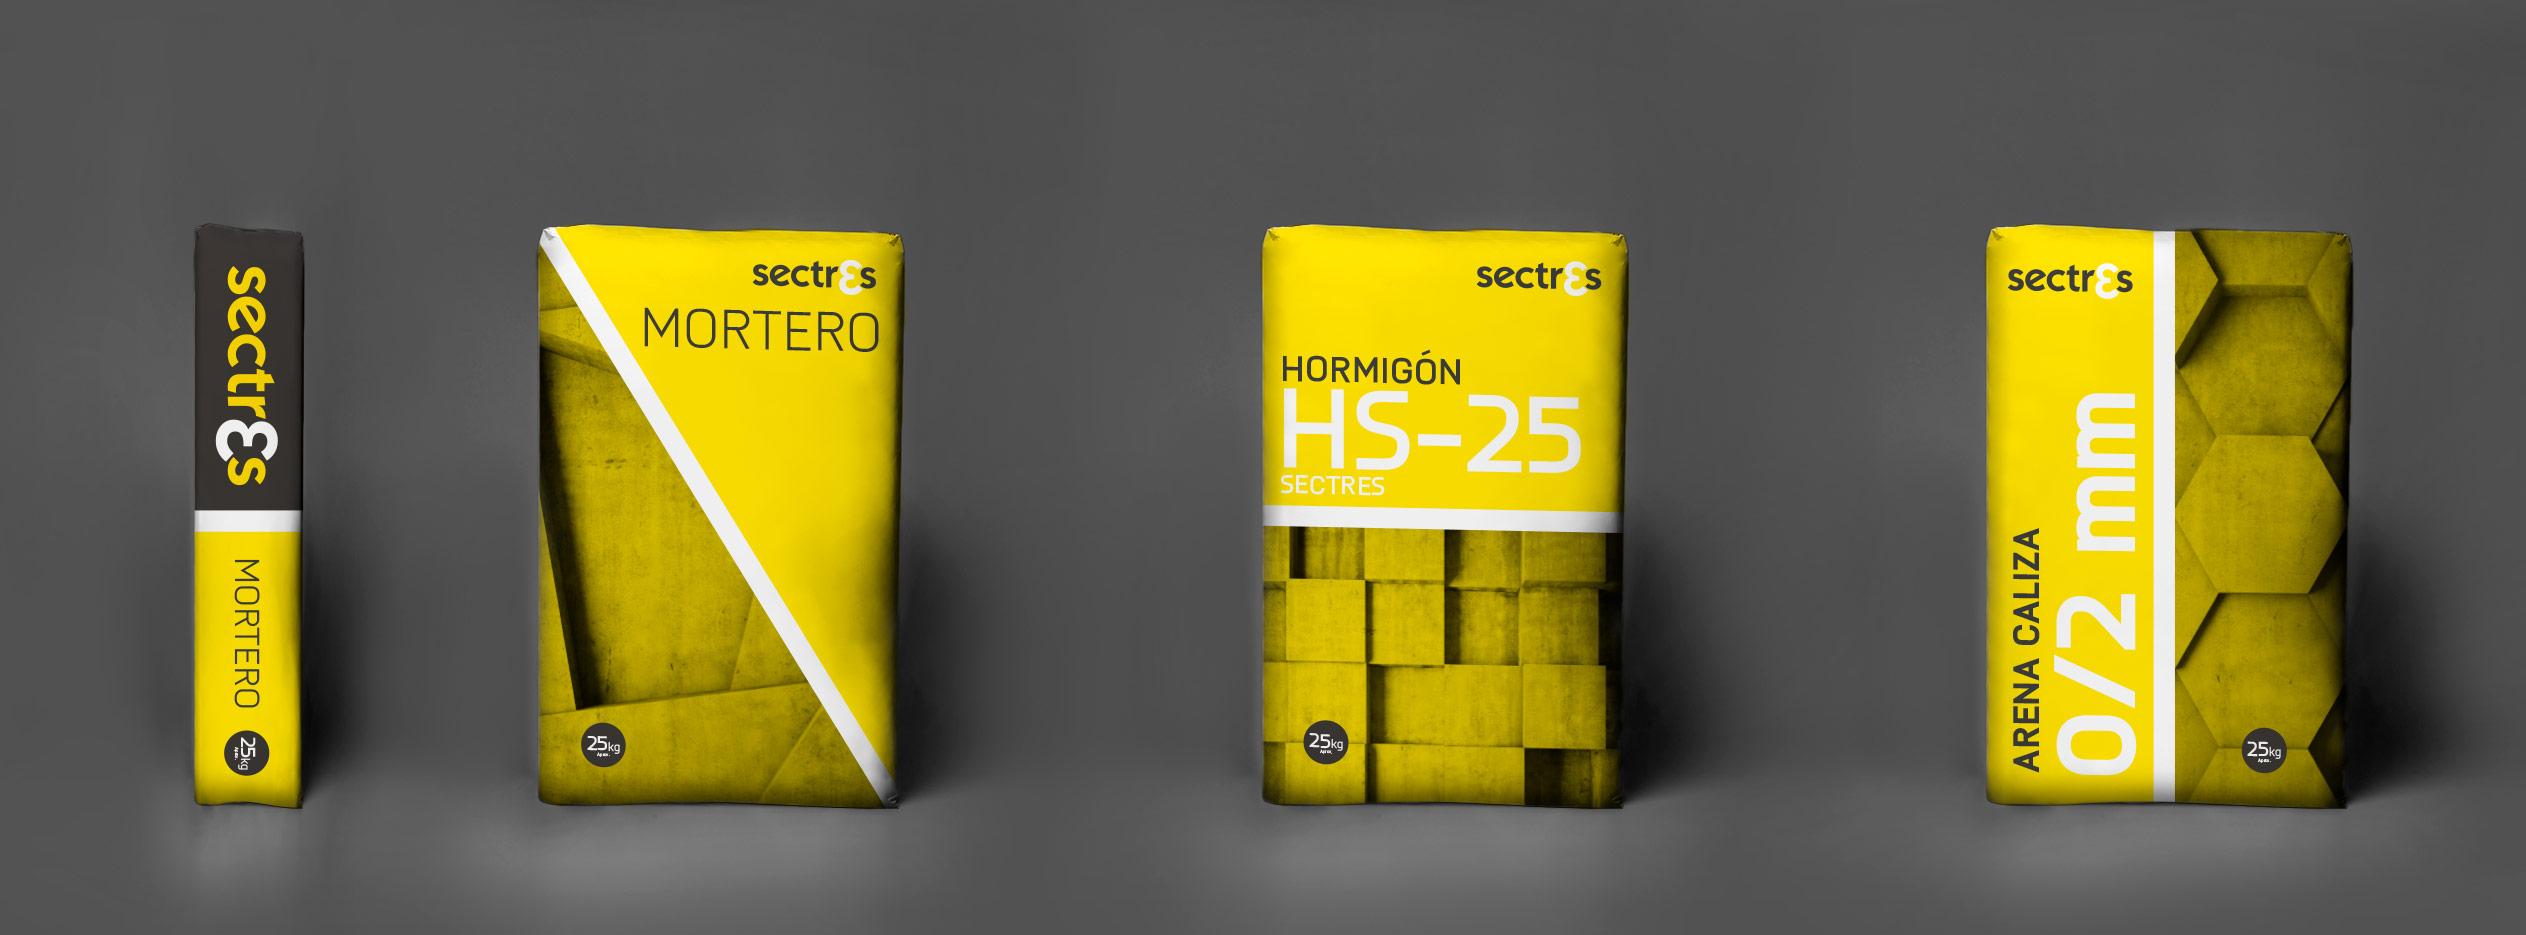 sectres_diseño_sacos